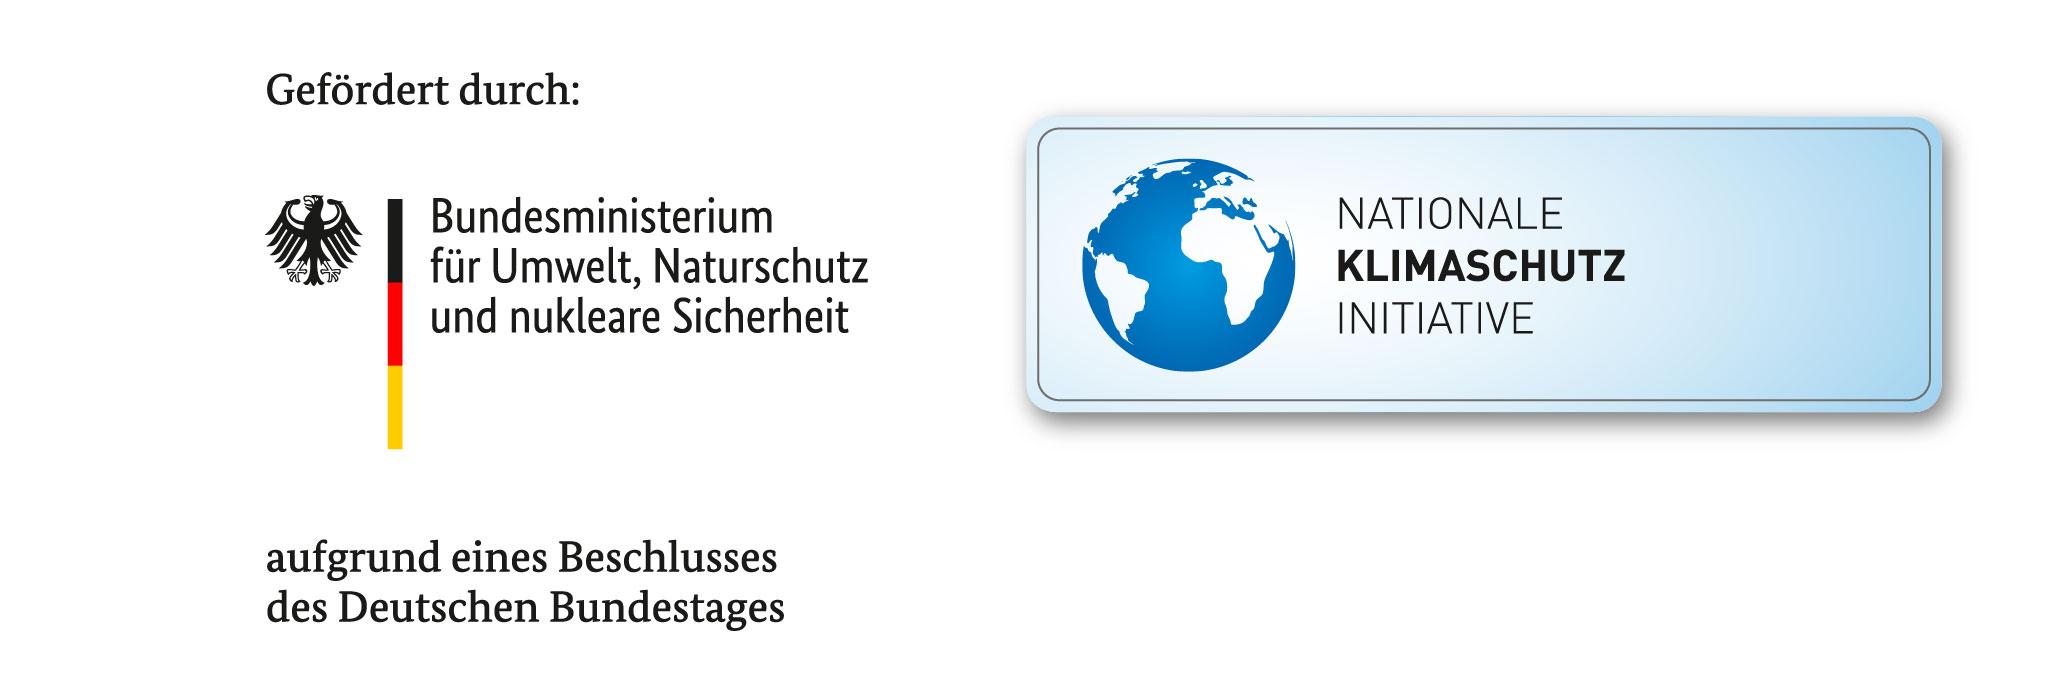 Logos_Im_Auftrag_des